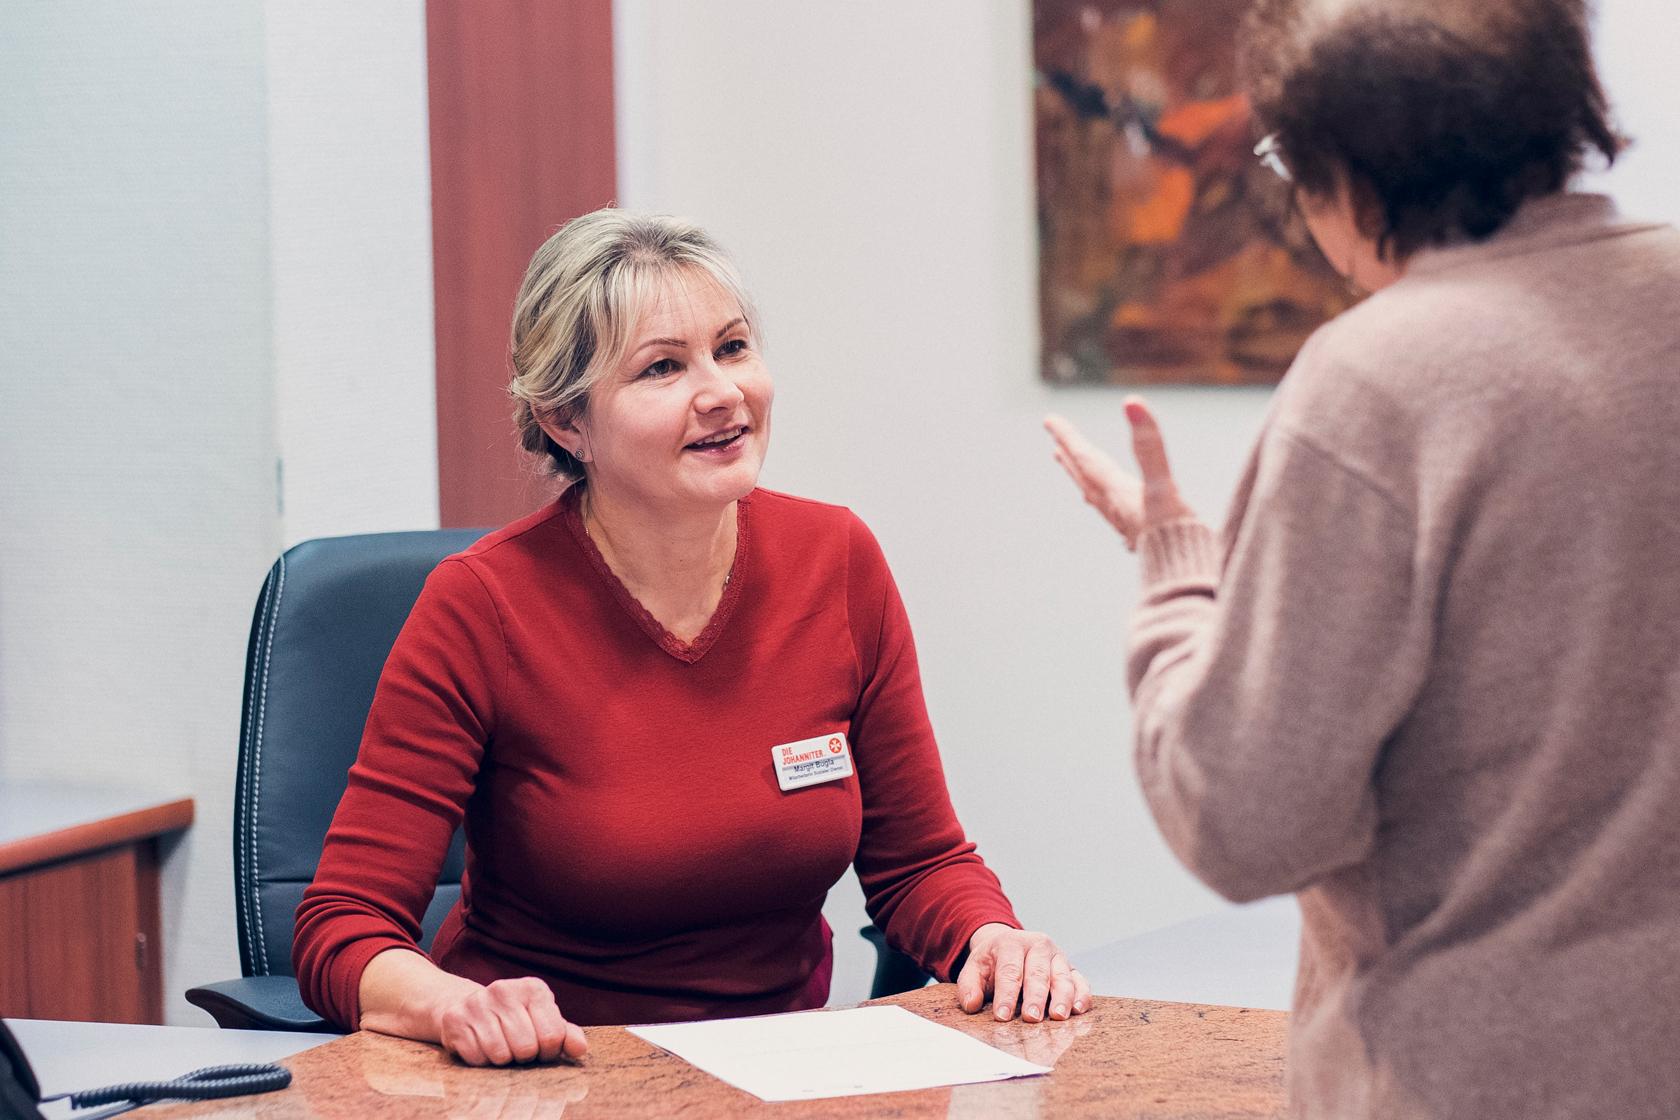 Frau im roten Pullover am Schreibtisch berät eine Bewohnerin